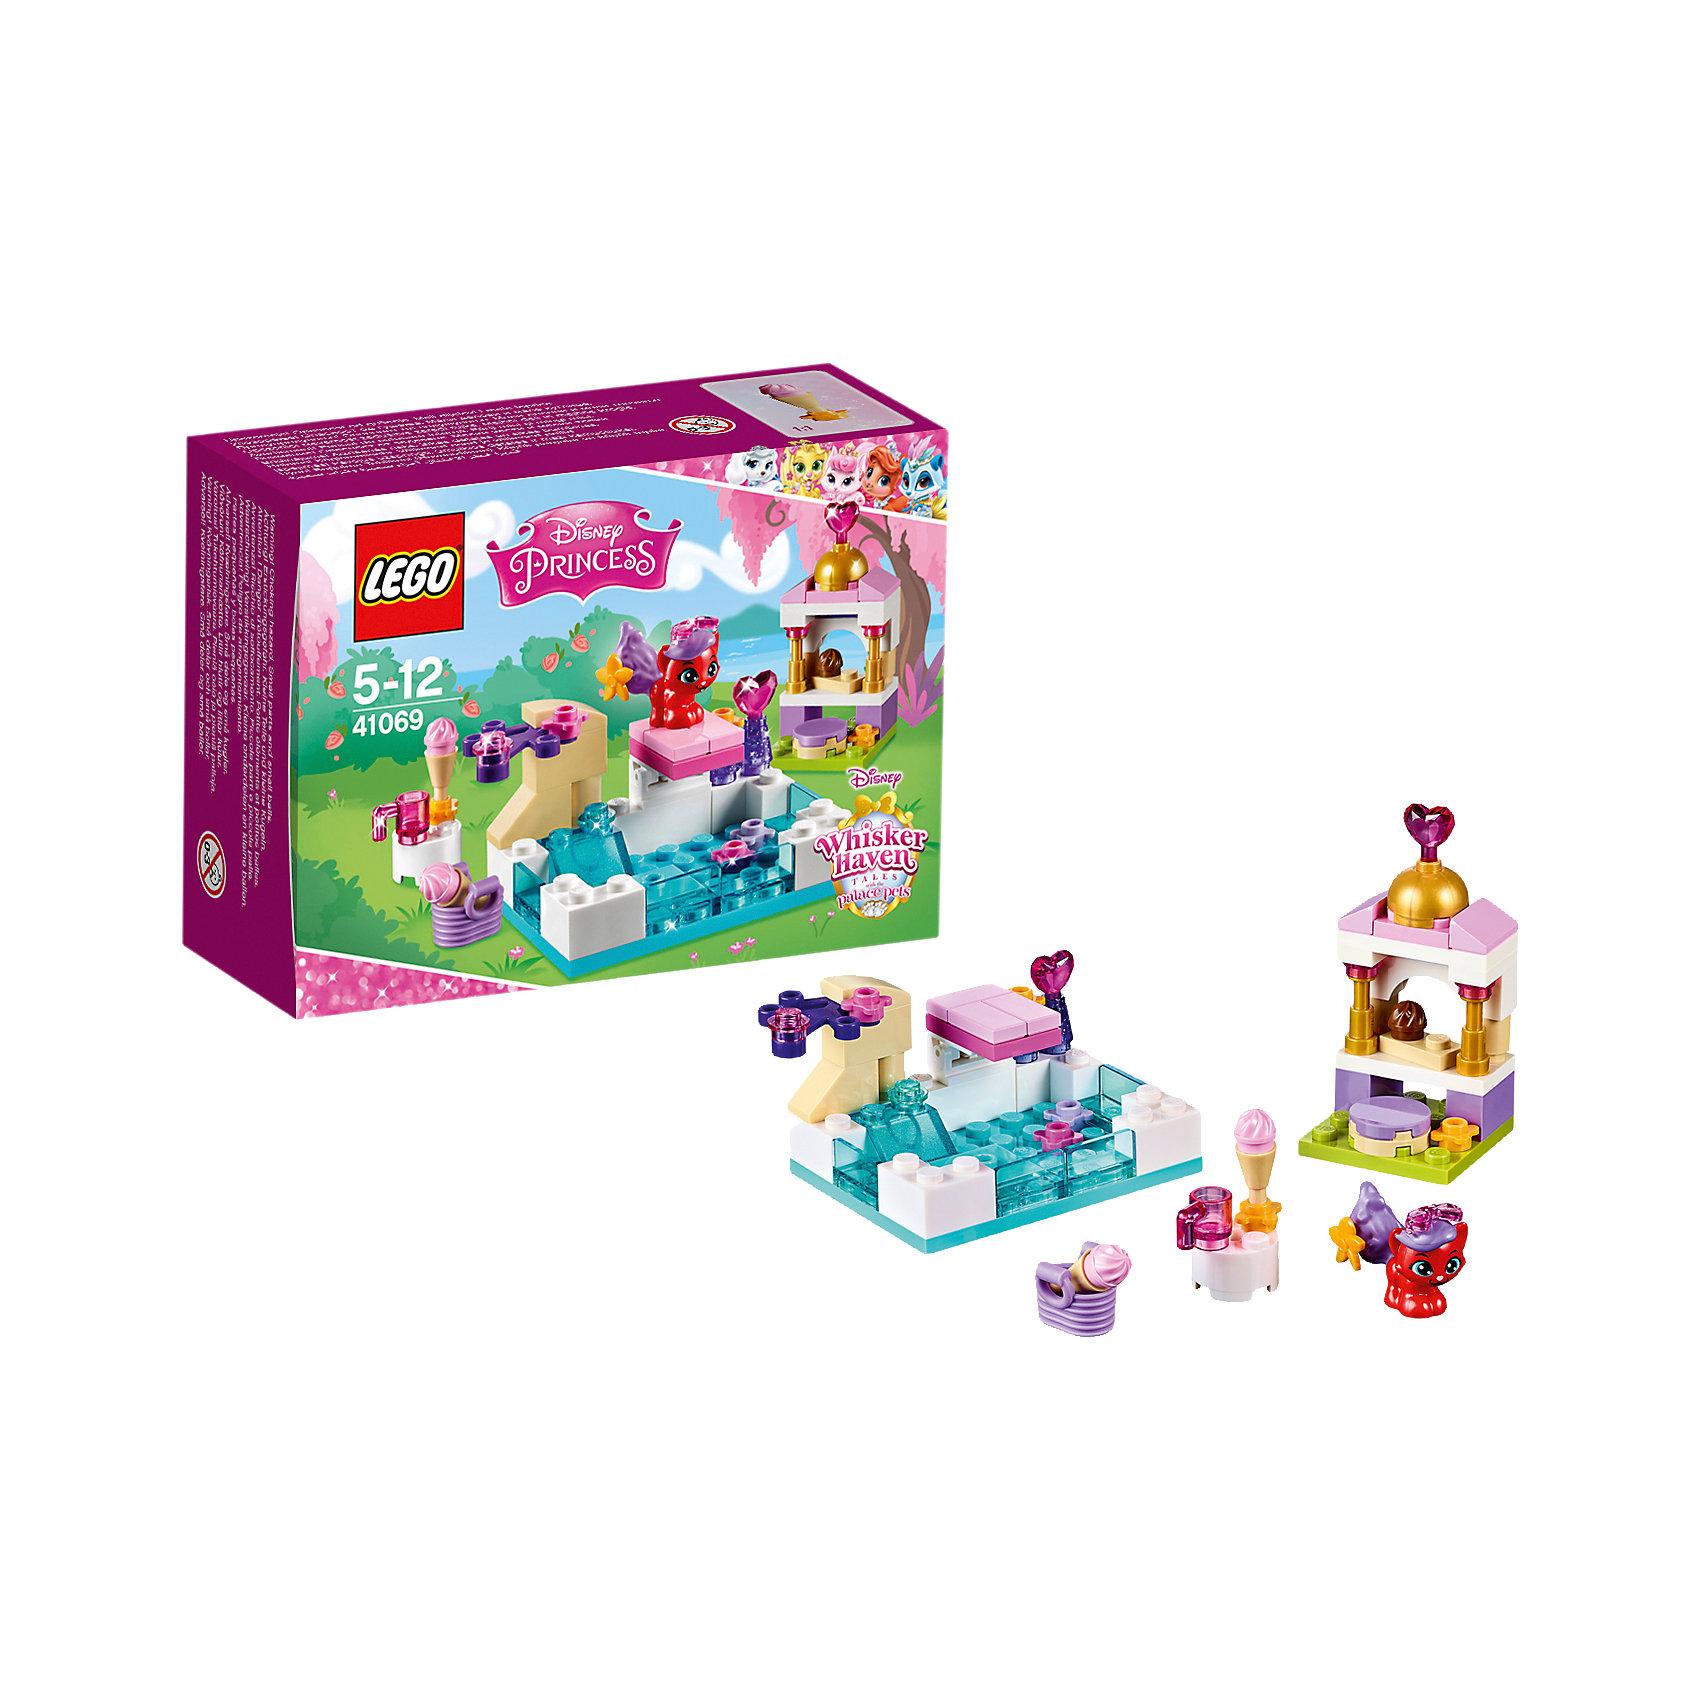 LEGO Disney Princesses 41069: Королевские питомцы: ЖемчужинкаLEGO Принцессы Дисней  41069: Королевские питомцы: Жемчужинка непременно понравится всем юным поклонницам диснеевских волшебных сказок. Жемчужинка - необычный котенок, она принадлежит Ариэль и просто обожает воду! Очаровательная кошечка любит проводить время в бассейне, ныряя с вышки и катаясь с водной горки. После водных забав проводи Жемчужинку в кафе-мороженое и помоги найти лакомство, которое ей больше нравится. Все детали выполнены из высококачественного пластика и прекрасно дополнят любой набор аналогичной серии. <br><br>Серия конструкторов Lego Disney Princess создана специально для девочек и посвящена принцессам из мультфильмов Диснея. Наборы состоят из деталей необычных ярких расцветок, красивых миникуколок и множества сказочных аксессуаров.<br><br>Дополнительная информация:<br><br>- Игра с конструктором LEGO (ЛЕГО) развивает мелкую моторику ребенка, фантазию и воображение, учит его усидчивости и внимательности.<br>- Количество деталей: 70.<br>- Количество минифигур: 1 (котенок Жемчужинка).<br>- Серия: LEGO Disney Princess (ЛЕГО Принцессы Дисней).<br>- Материал: пластик.<br>- Размер упаковки: 12,2 х 4,7 х 9,1 см.<br>- Вес: 85 гр.<br><br>LEGO Принцессы Дисней 41069: Королевские питомцы: Жемчужинка можно купить в нашем интернет-магазине.<br><br>Ширина мм: 122<br>Глубина мм: 90<br>Высота мм: 51<br>Вес г: 78<br>Возраст от месяцев: 60<br>Возраст до месяцев: 144<br>Пол: Женский<br>Возраст: Детский<br>SKU: 4259075